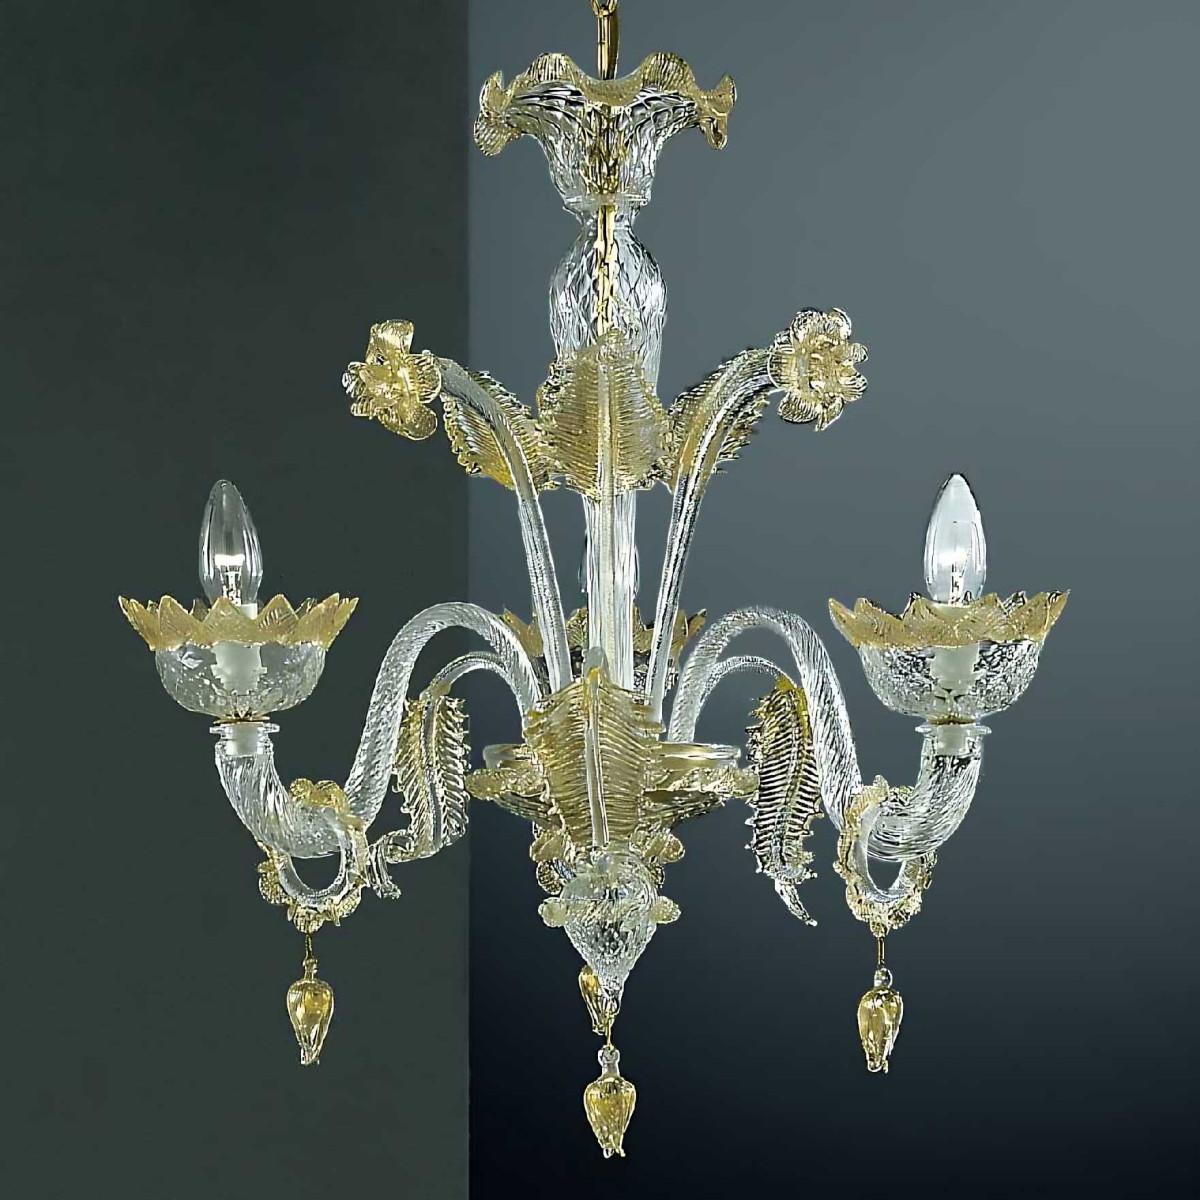 Casanova 3 luces araña de Murano con anillos - color oro transparente